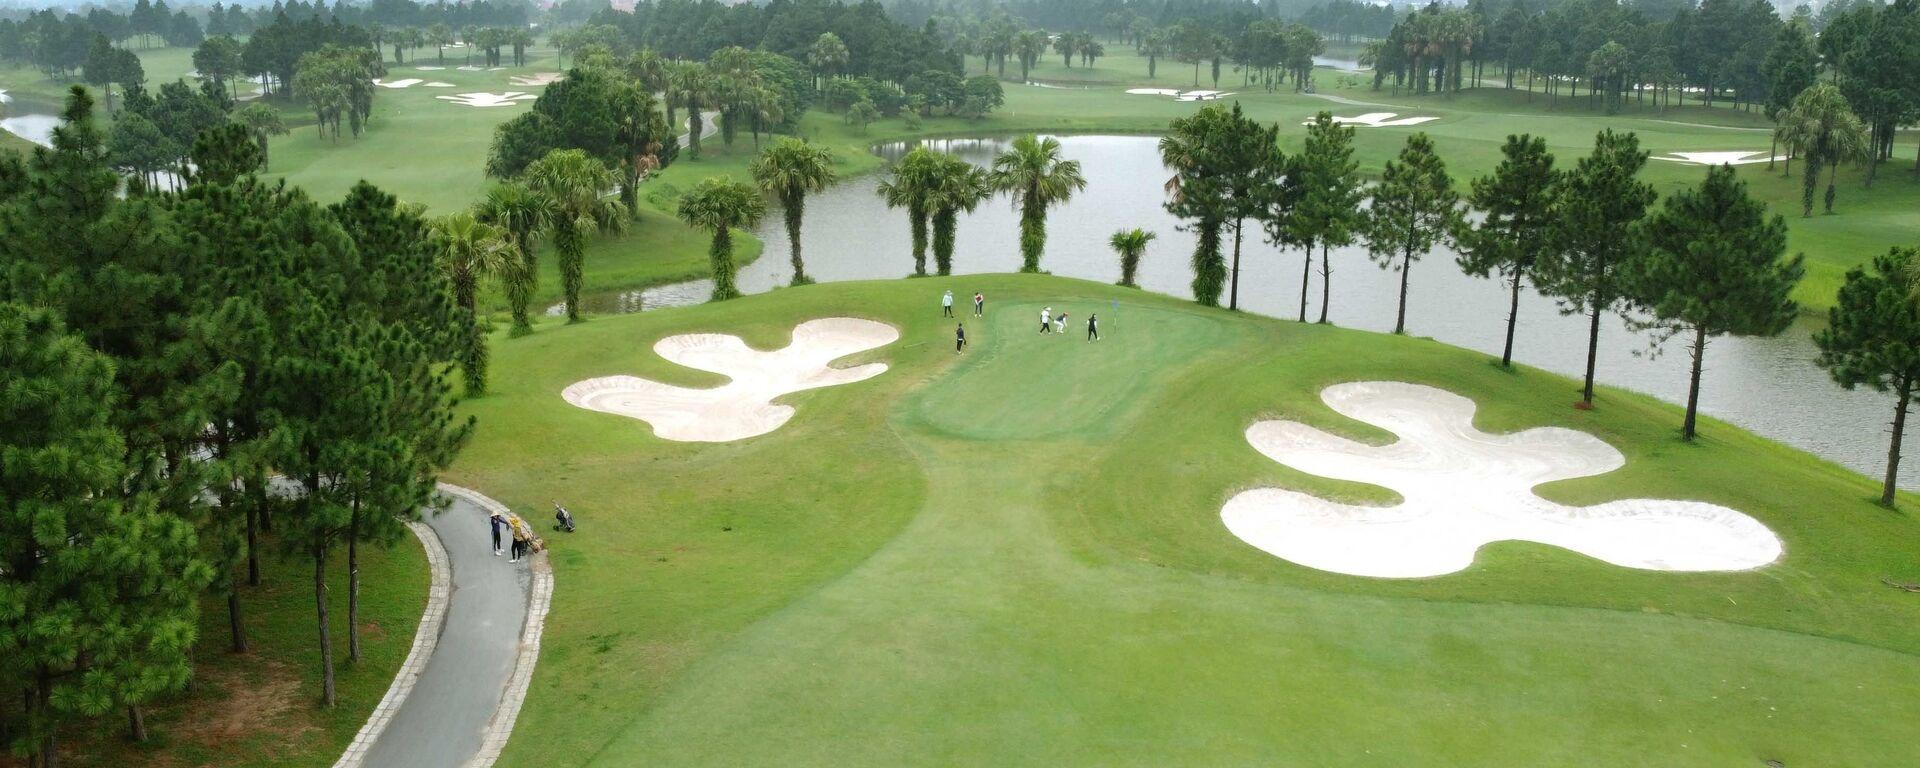 Sân golf Đầm Vạc (thành phố Vĩnh Yên) tạm dừng hoạt động theo quy định của UBND tỉnh.  - Sputnik Việt Nam, 1920, 05.08.2021